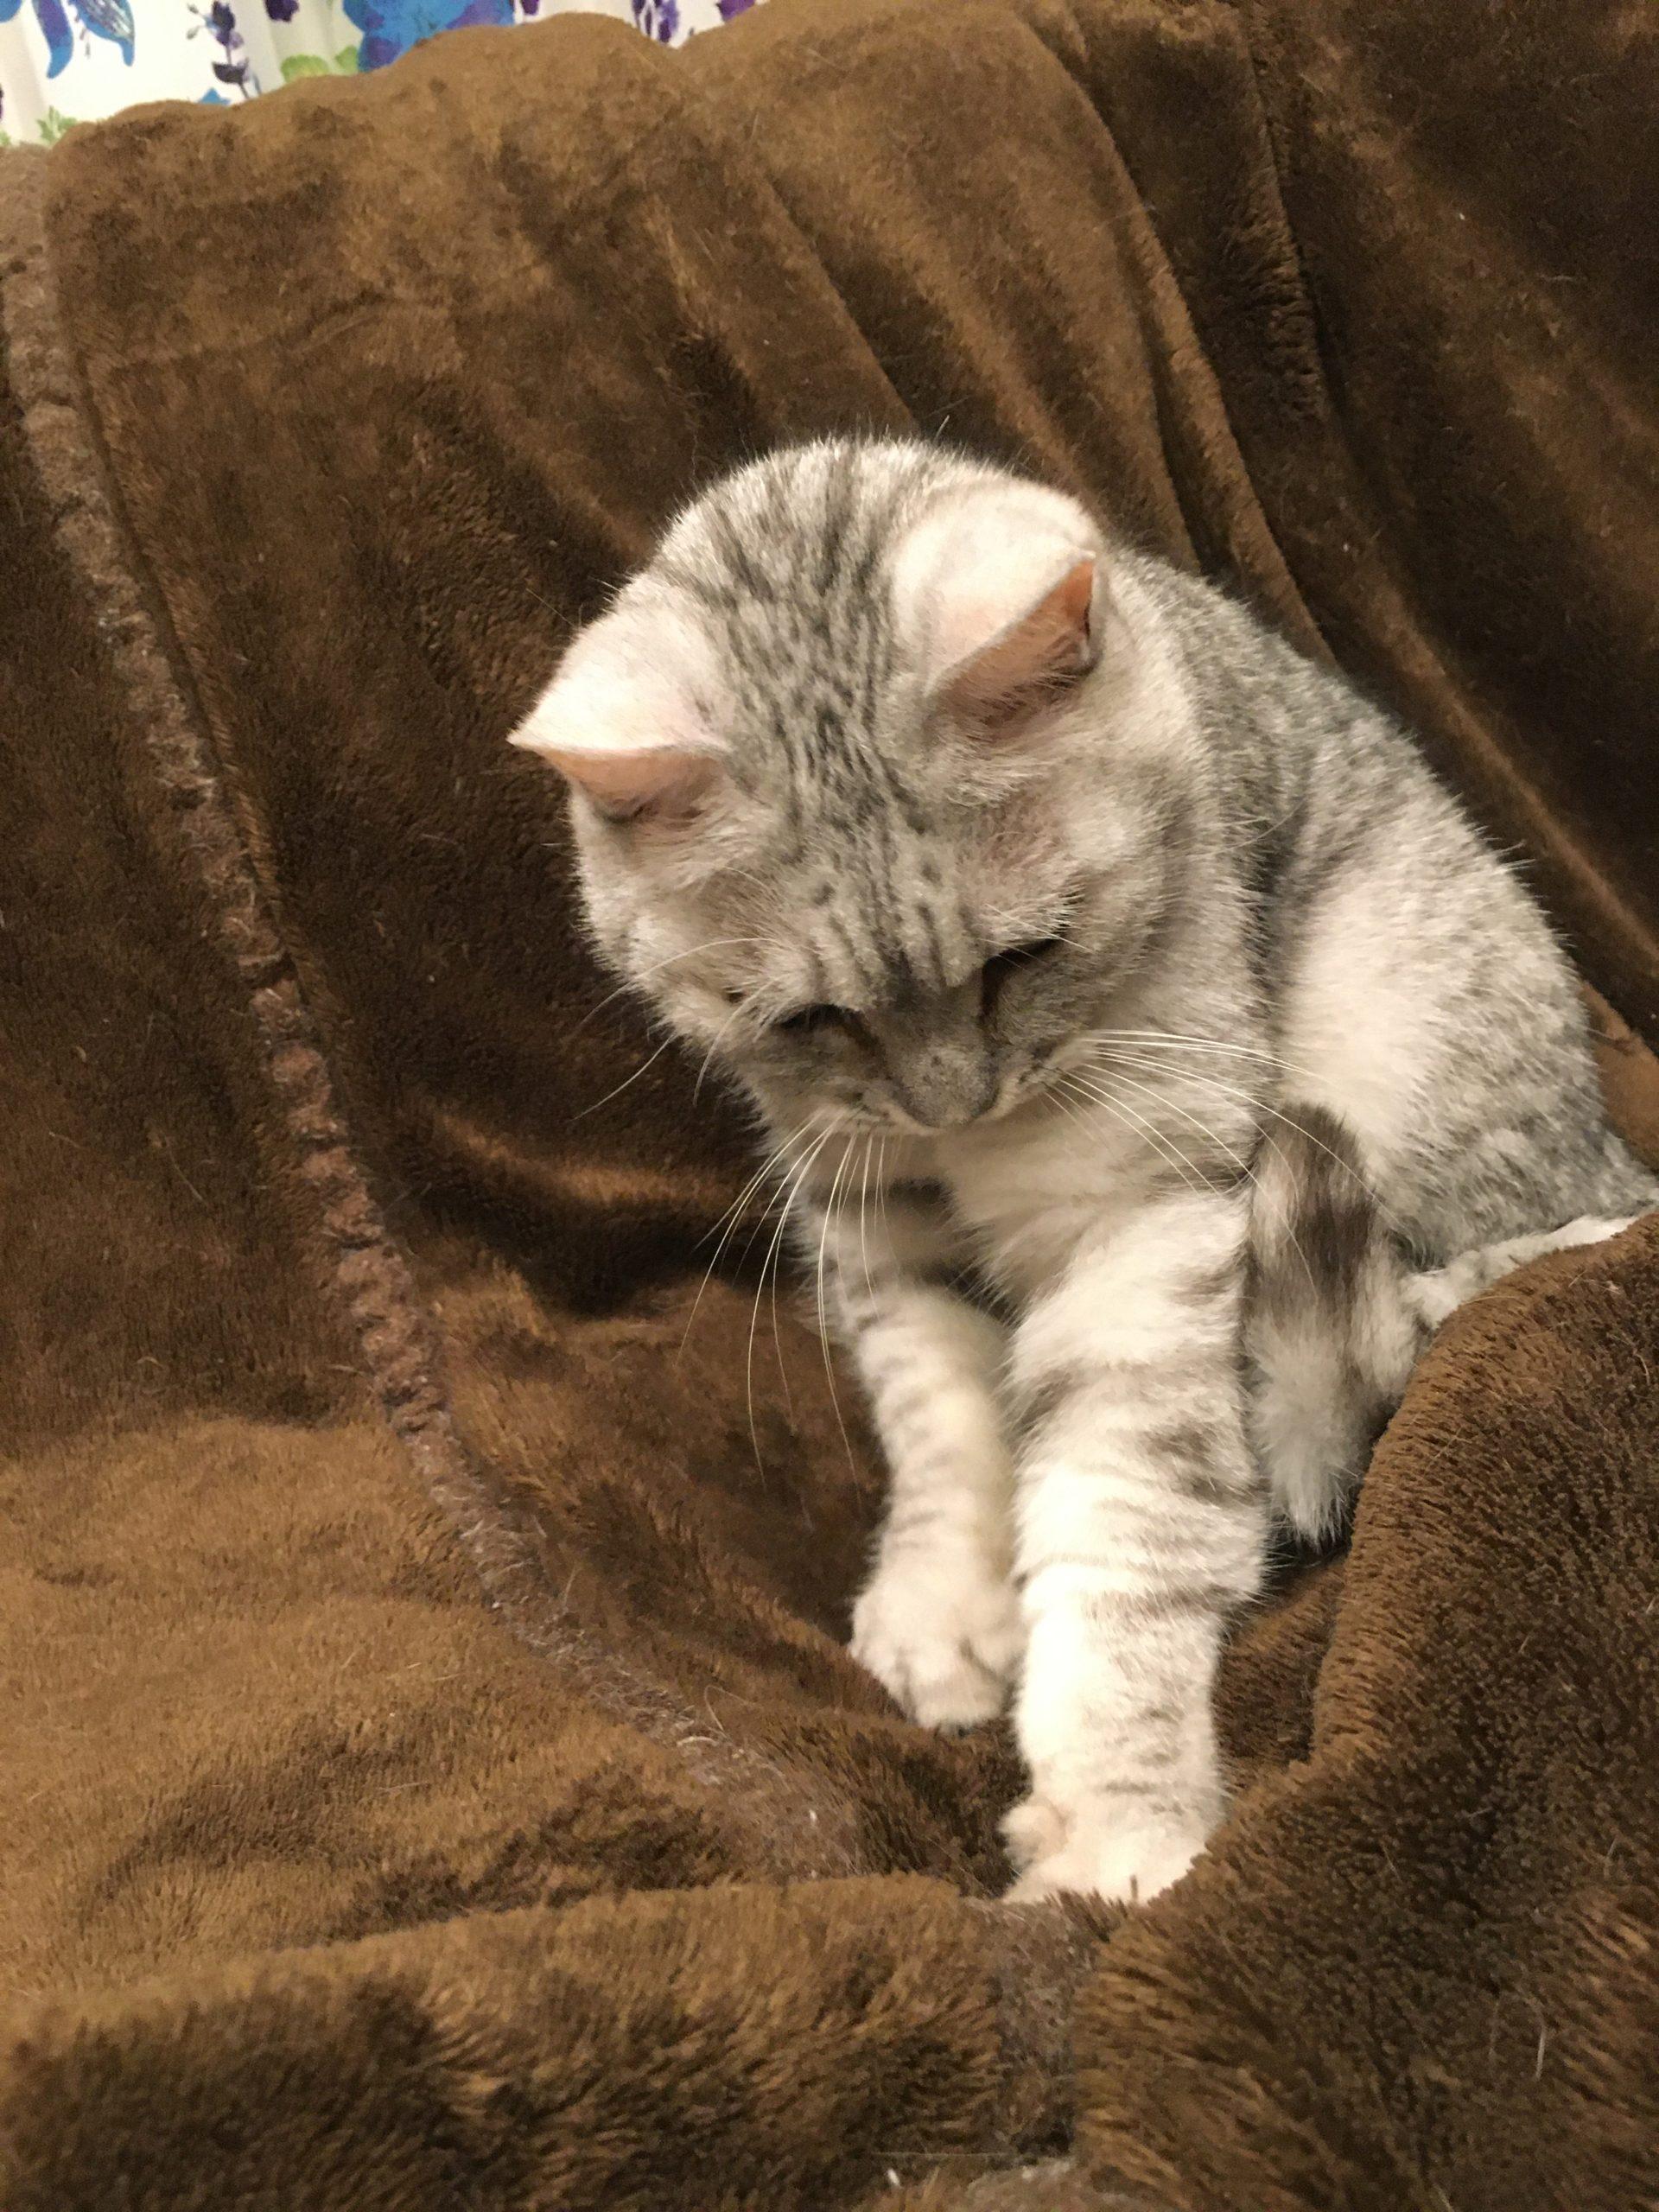 ネコが座布団や人をフミフミするのは何故?